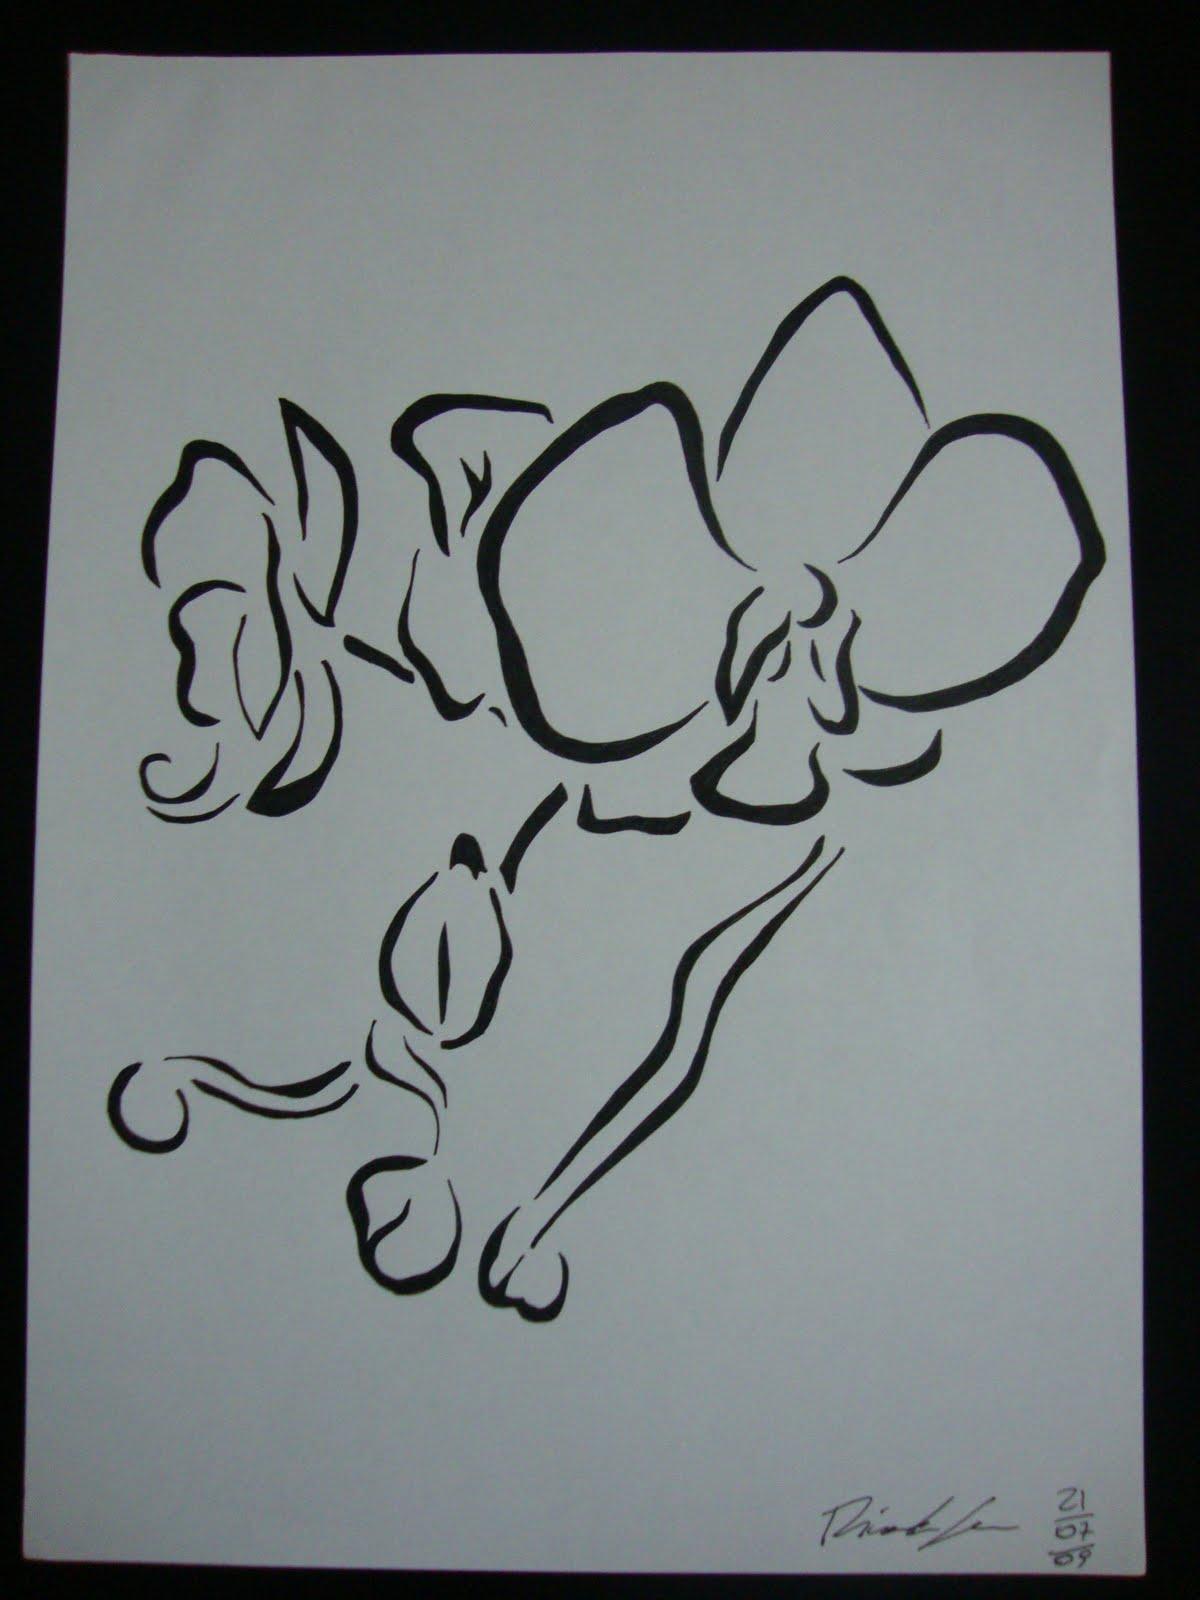 http://2.bp.blogspot.com/_lwROTY0Fql8/TOnemBGa8NI/AAAAAAAAA7s/Ynii13sgPPo/s1600/DSC03789.JPG